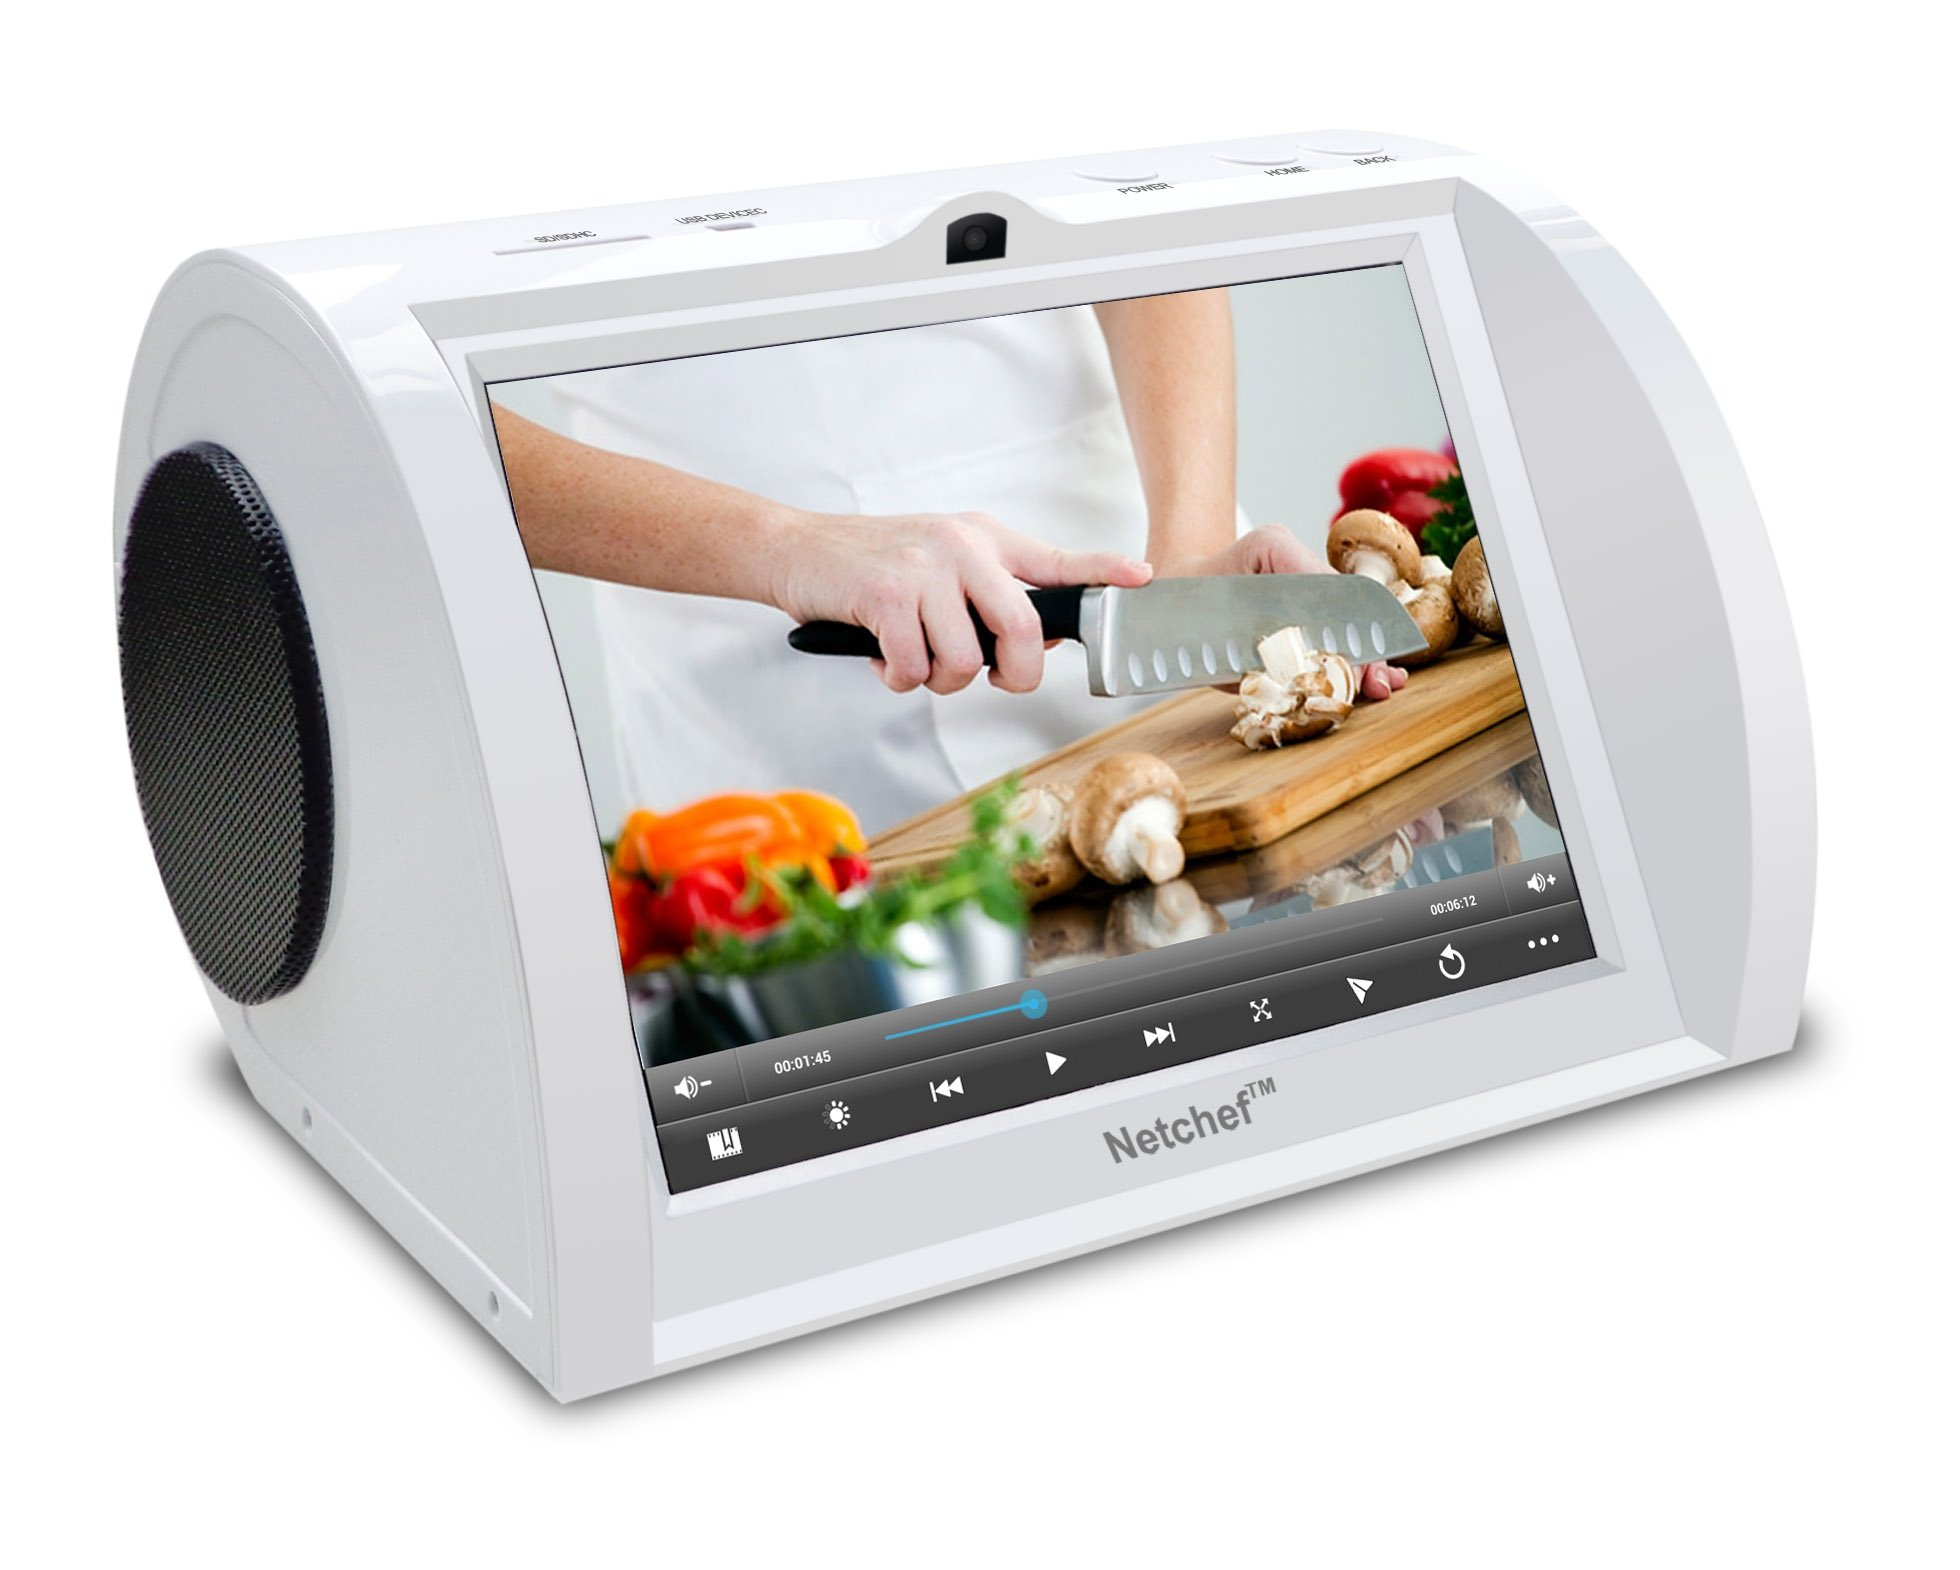 Sungale PF810 Netchef G2 Smart Kitchen Gateway by Sungale (Image #1)